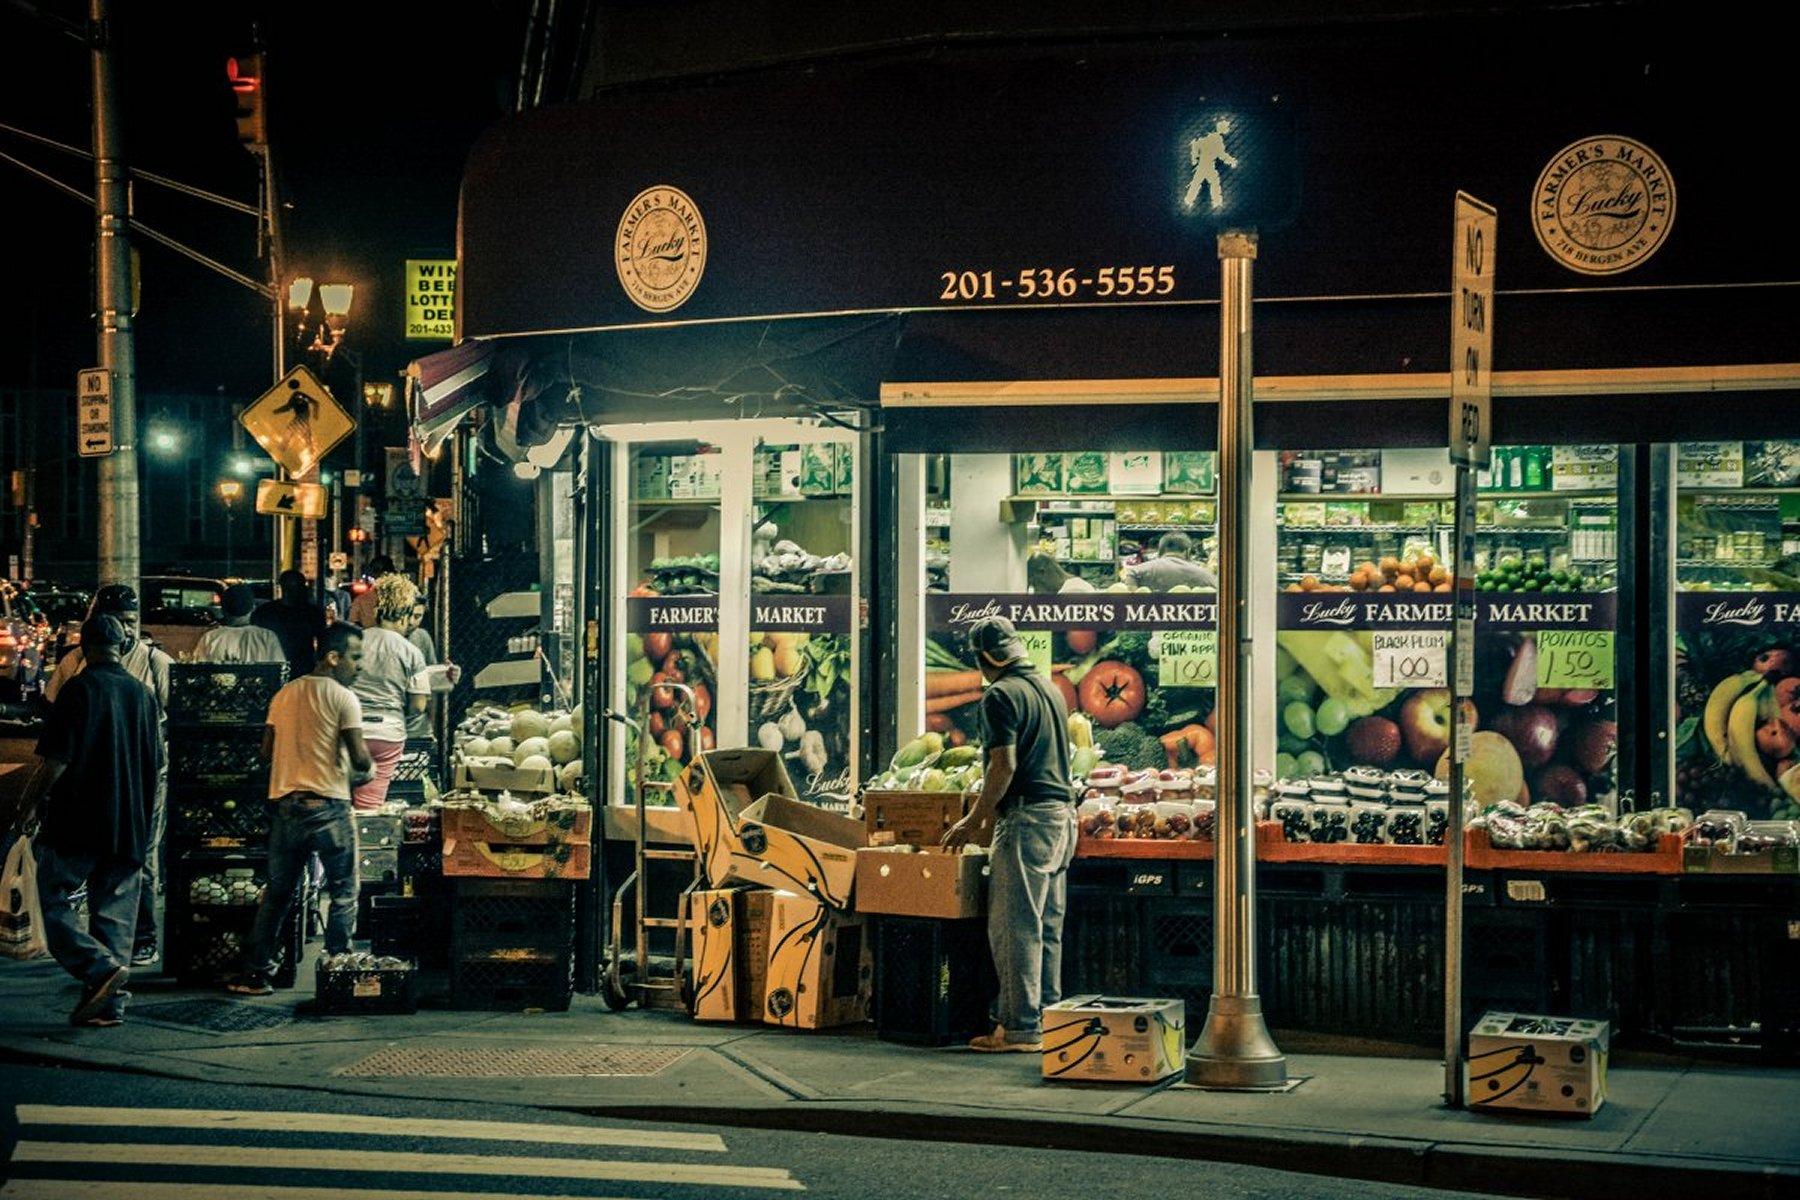 Eldred_Boze_JerseyCityStreets_3BergenStreetFruitMarket.jpg